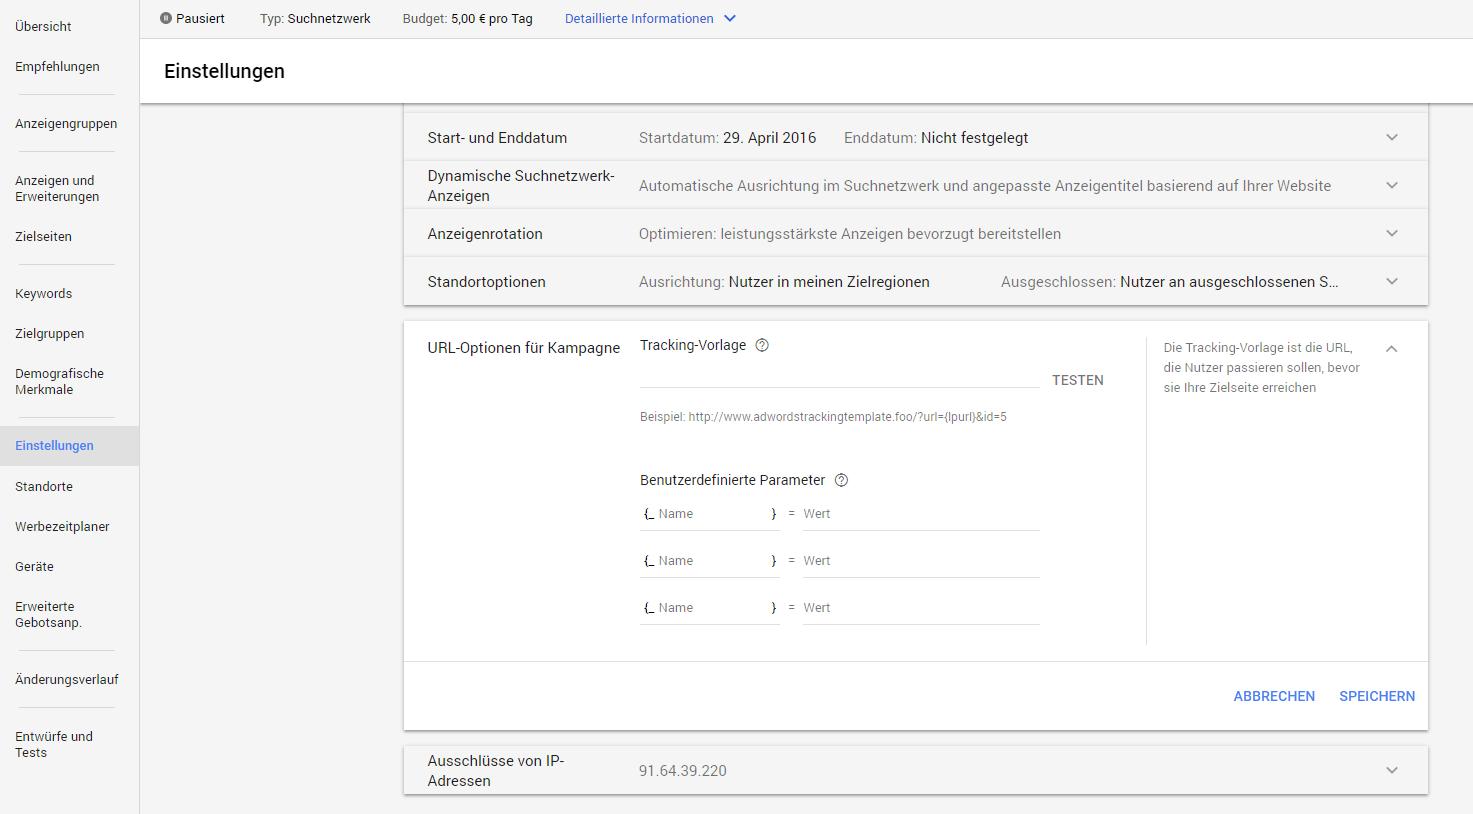 Tracking-Vorlagen und finale URLs - Christoph-Mohr.com